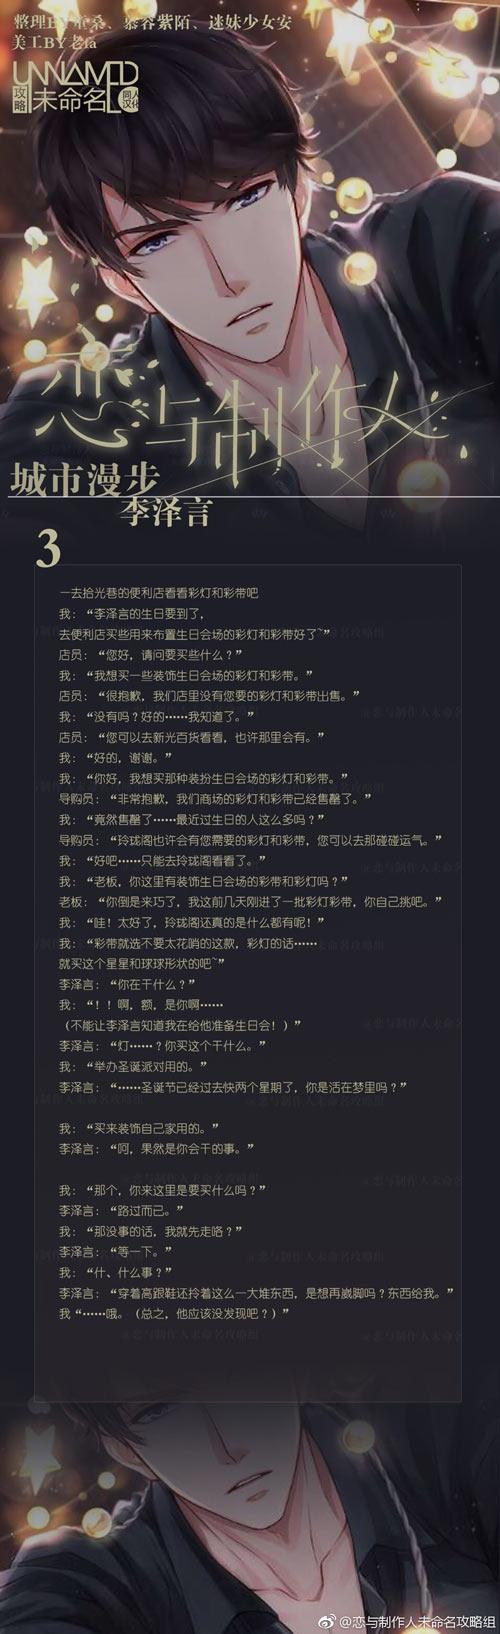 恋与制作人李泽言生日副本 城市漫步李泽言生日全剧情